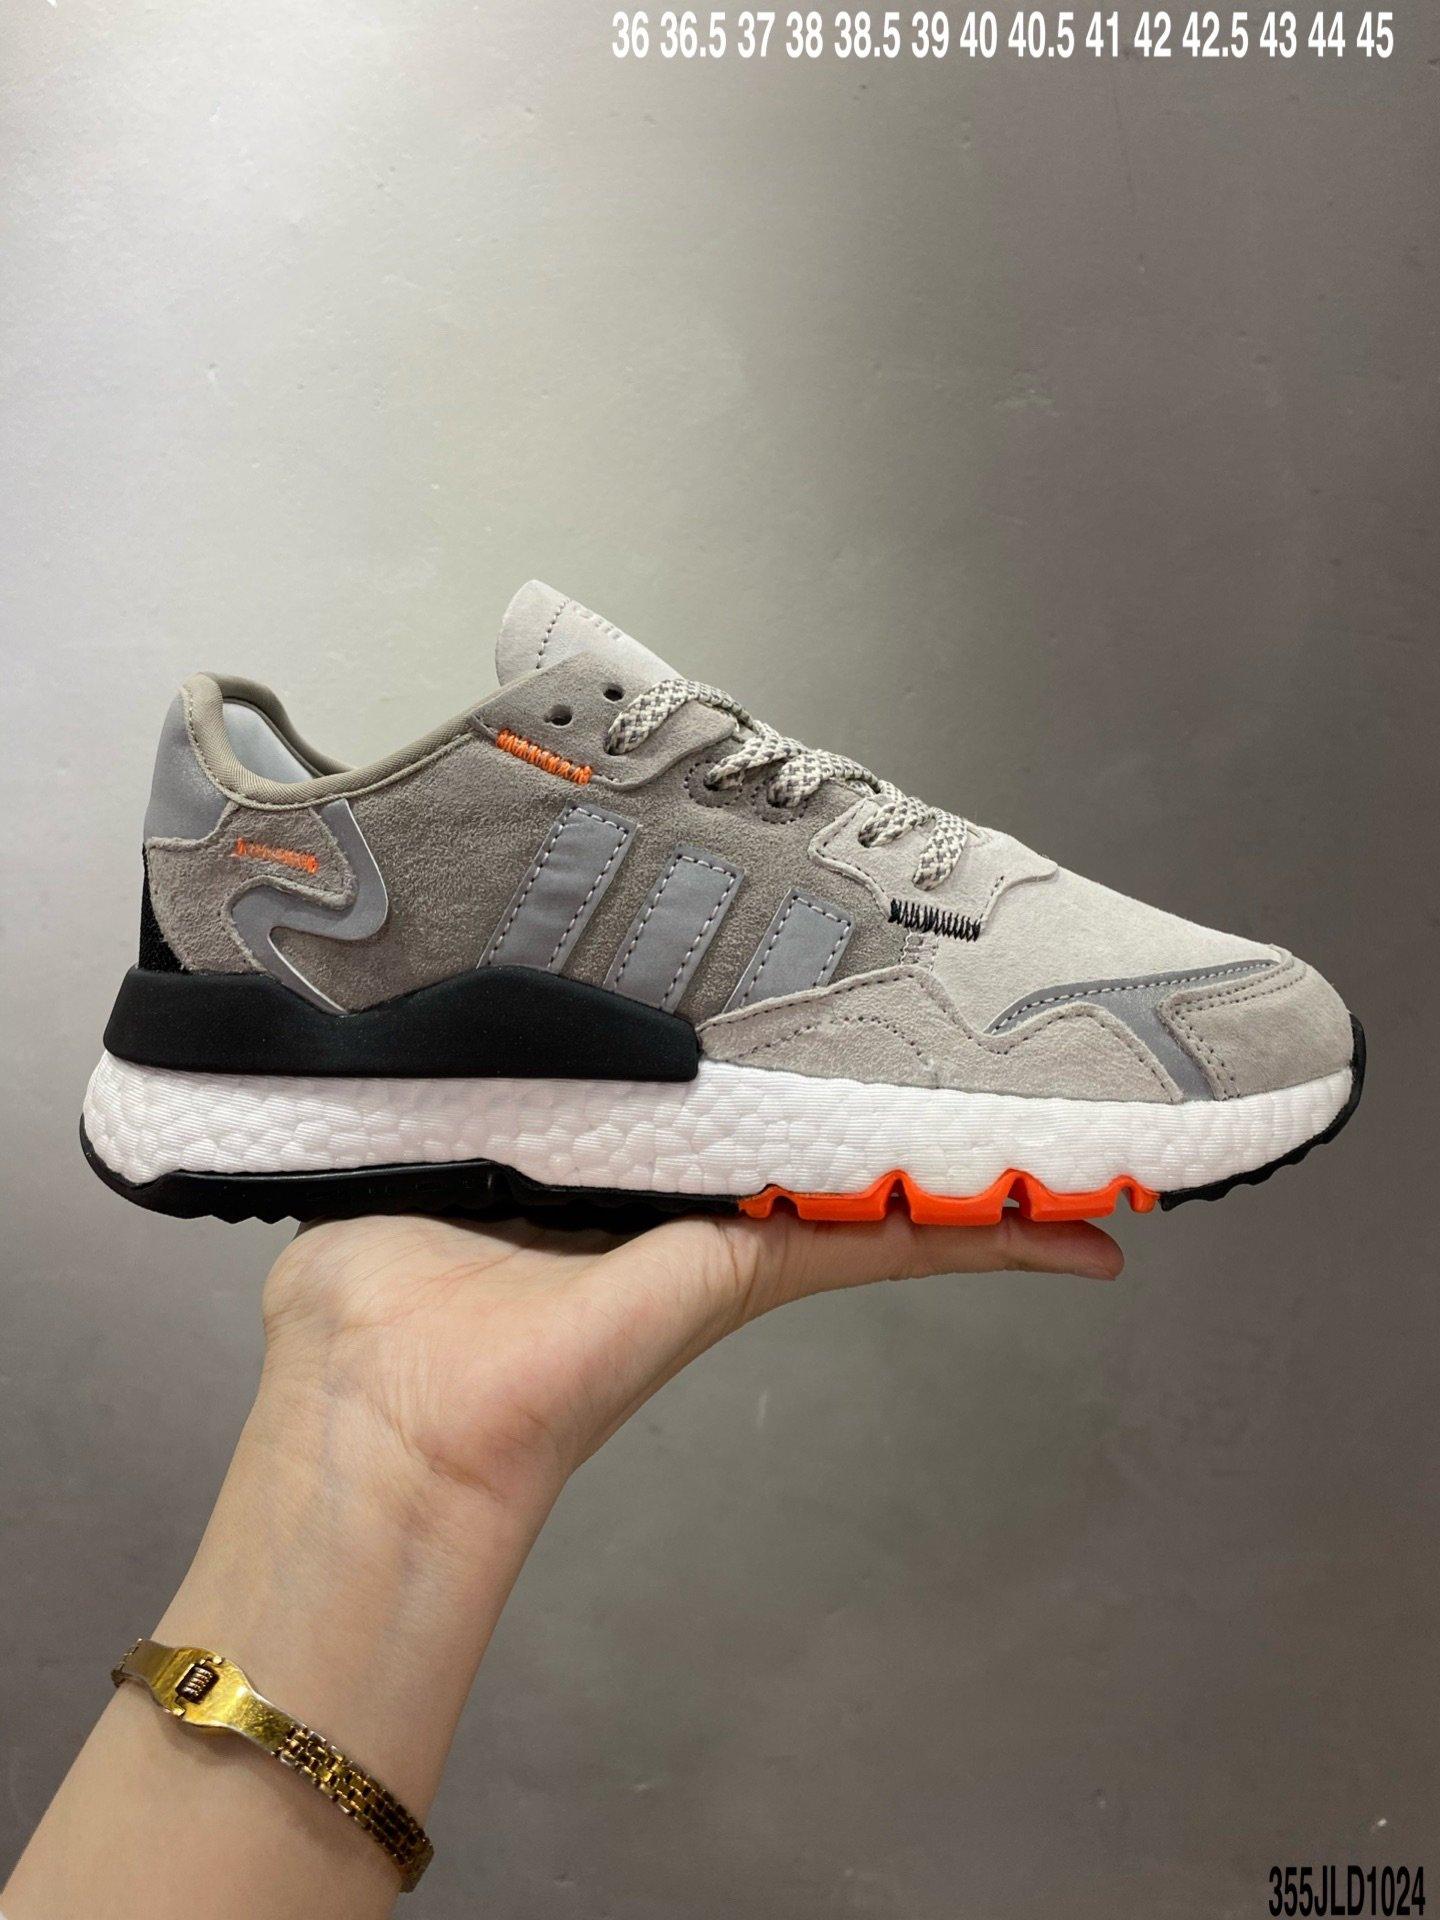 跑鞋, 联名, 夜行者, 复古跑鞋, Nite Jogger, Boost, Adidas, 3M反光